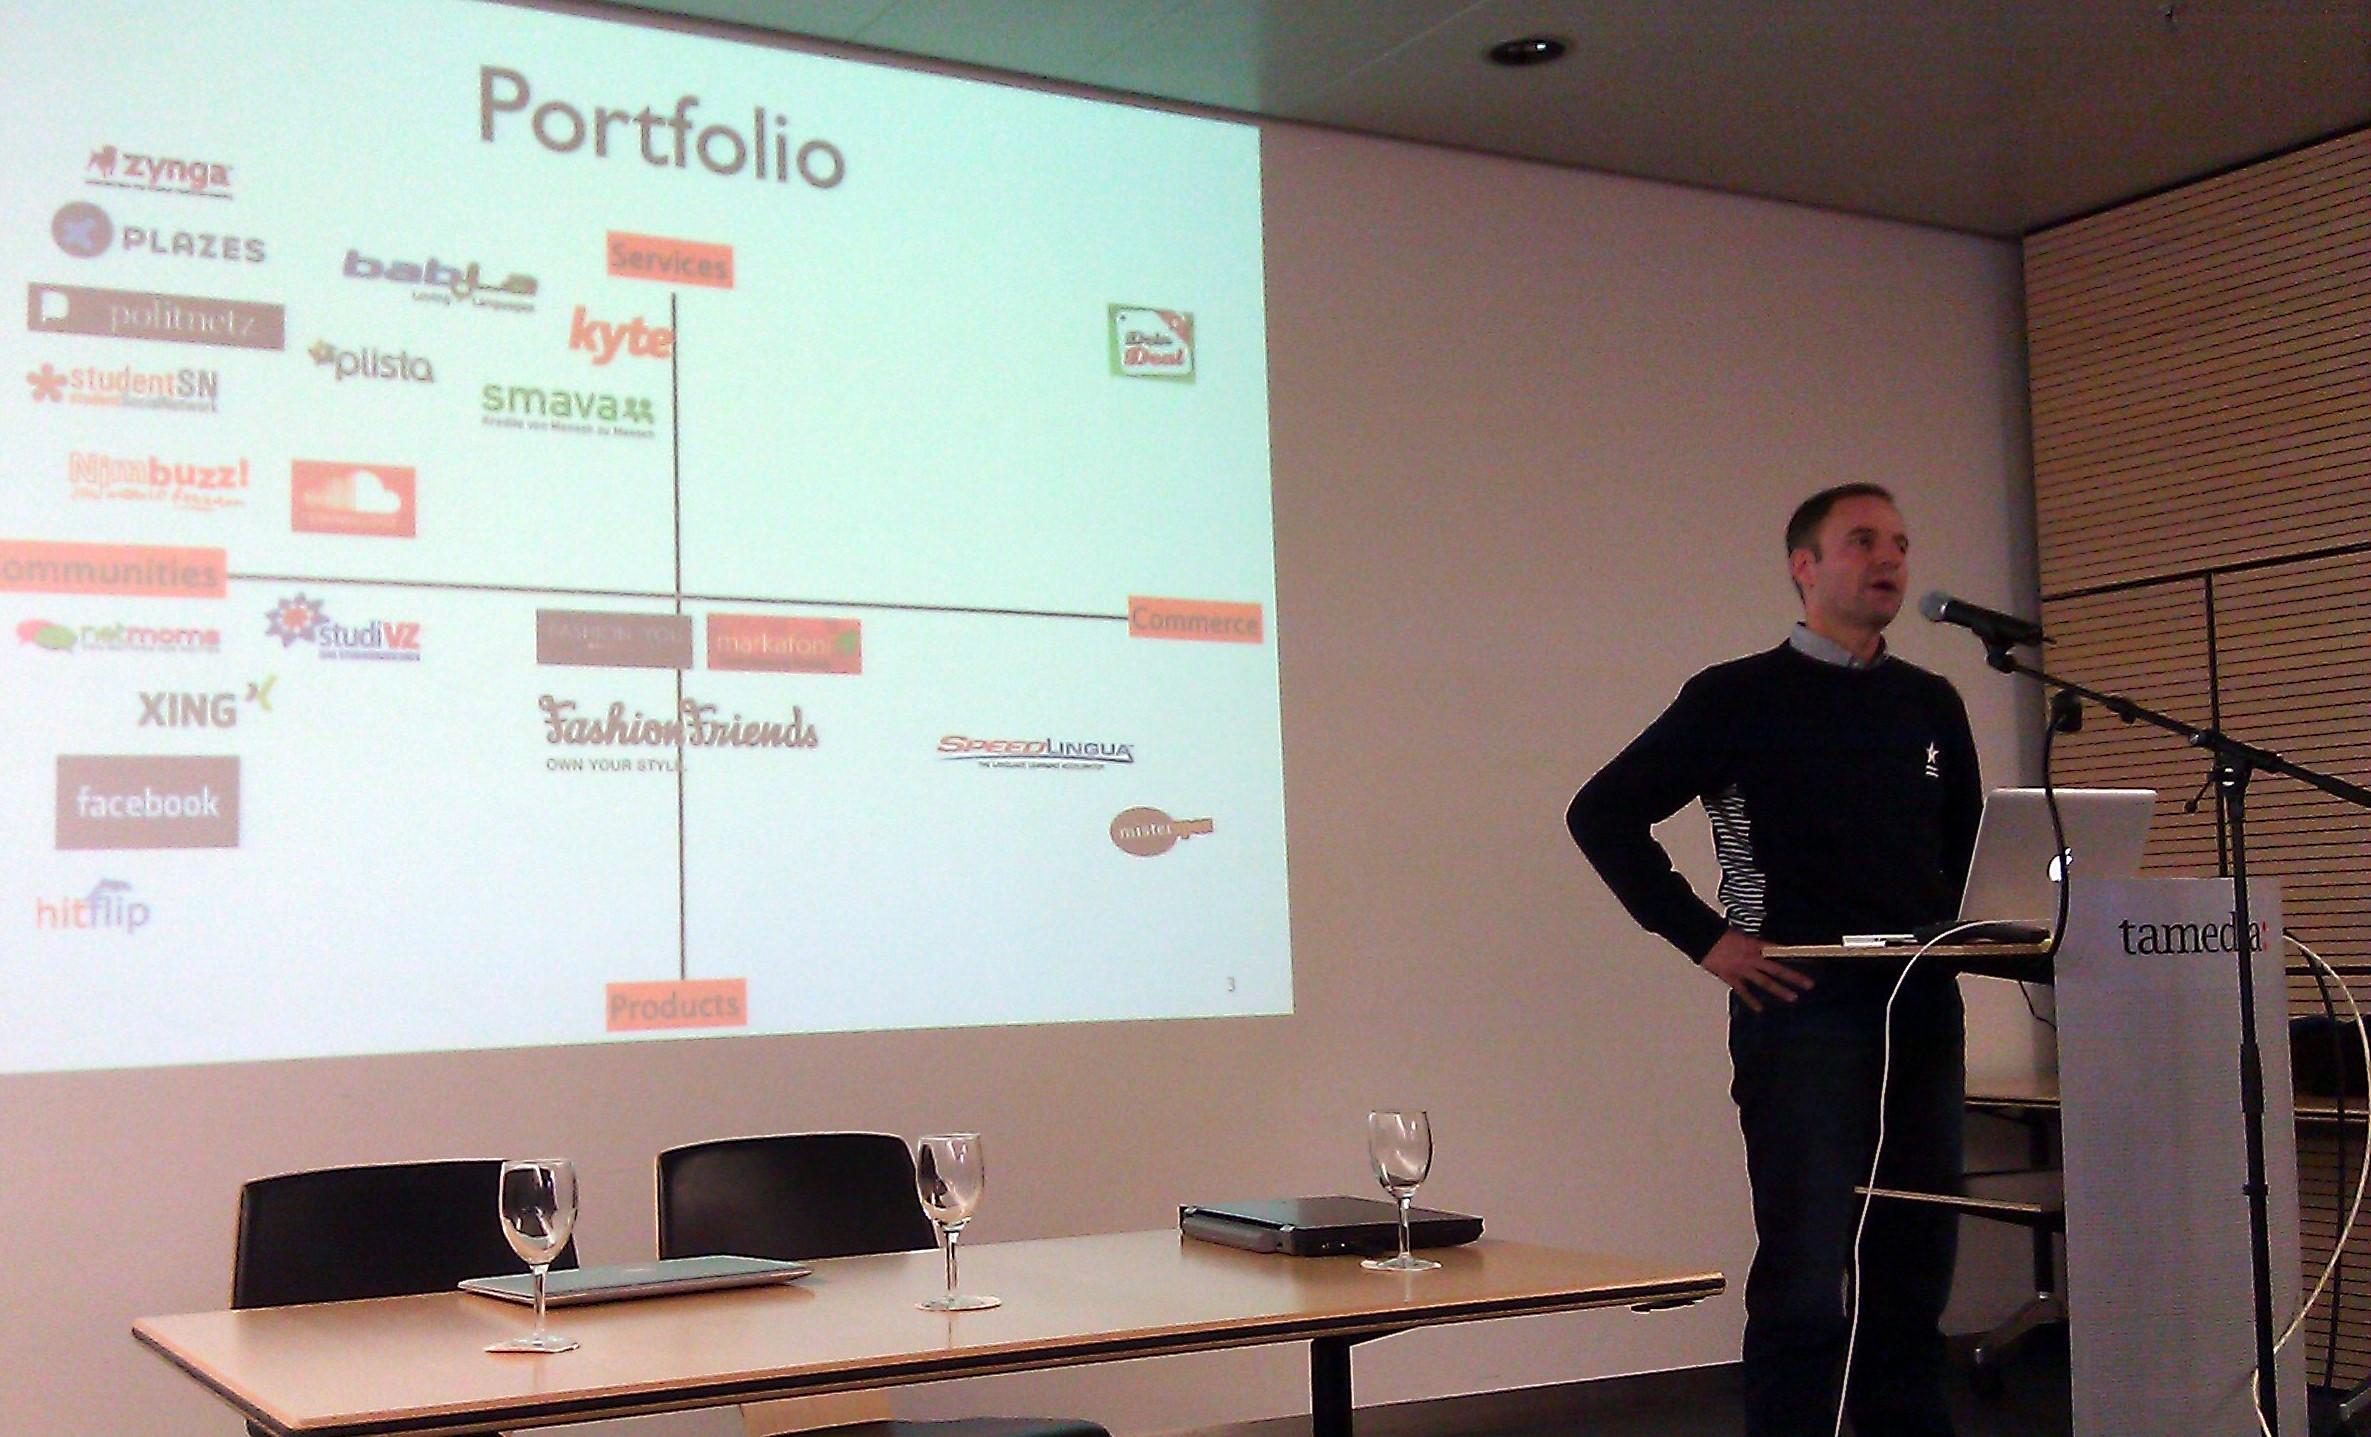 Peter-Schuepbach-Participation-Portfolio